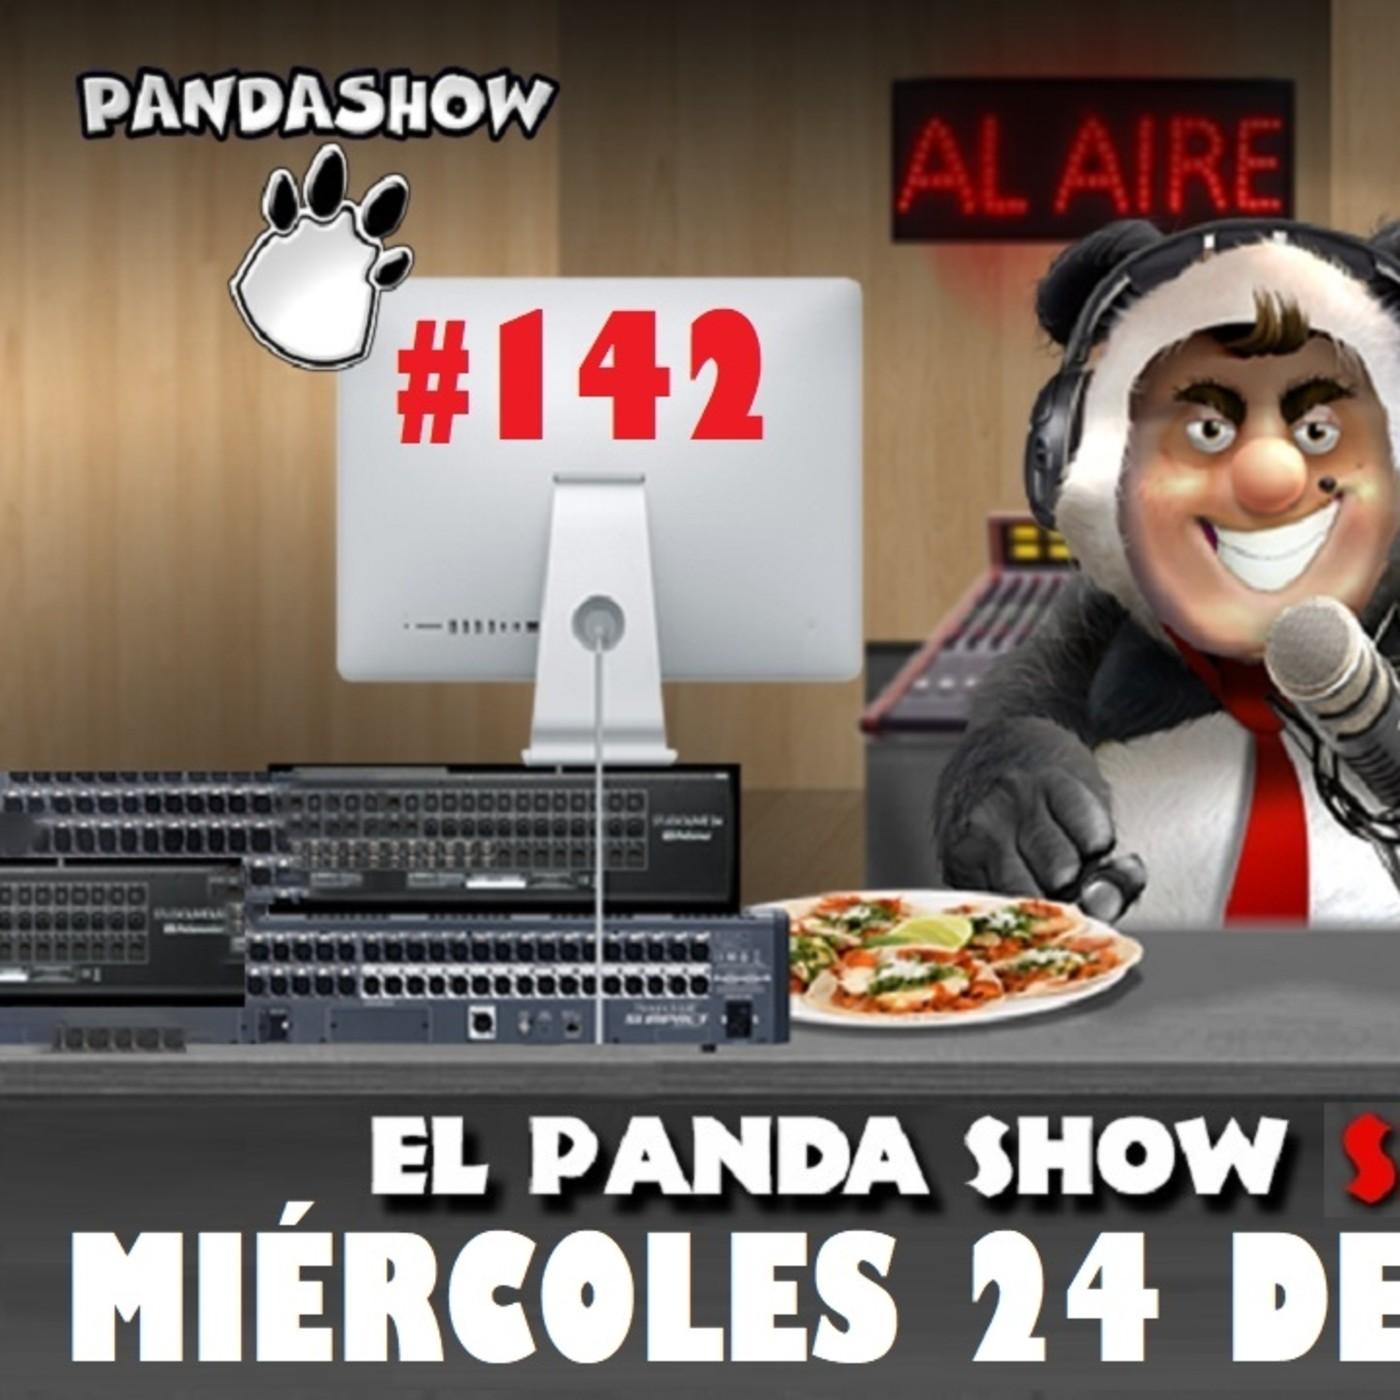 PANDA SHOW Ep. 142 MIÉRCOLES 24 DE ABRIL 2019